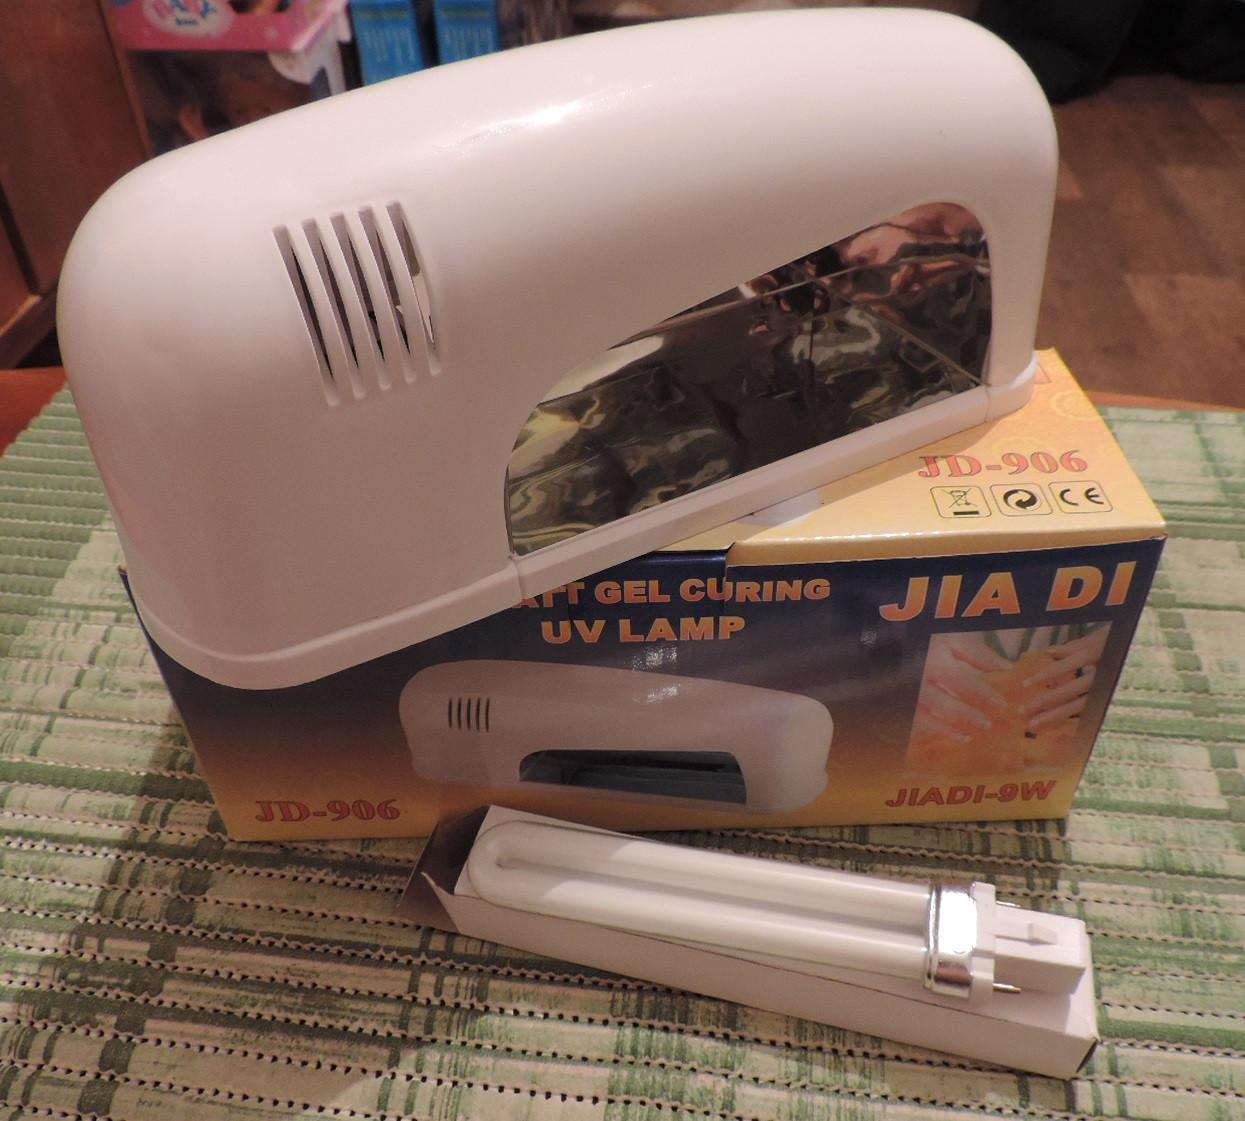 Ультрафиолетовая индукционная лампа 9 Вт для сушки геля.